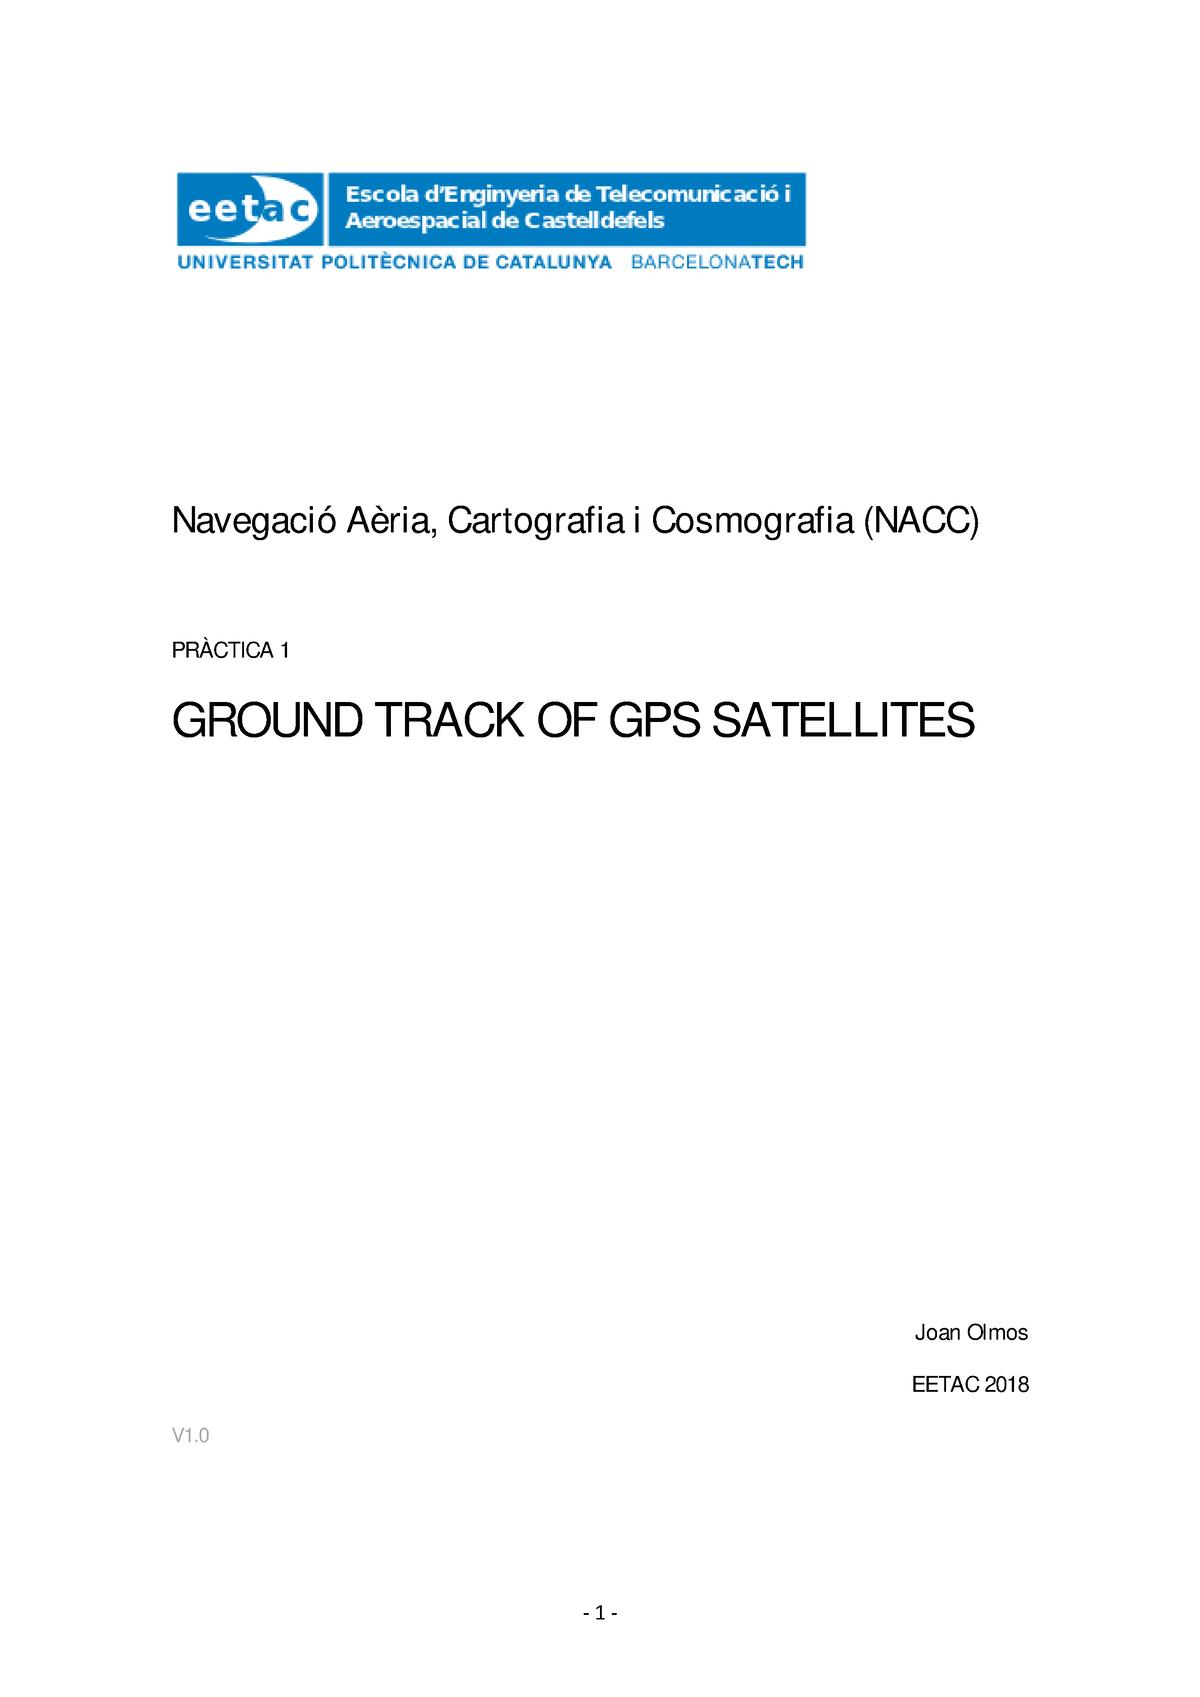 Practica 1 GPS groundtrack - Navegación, Cartografía y Cosmografía